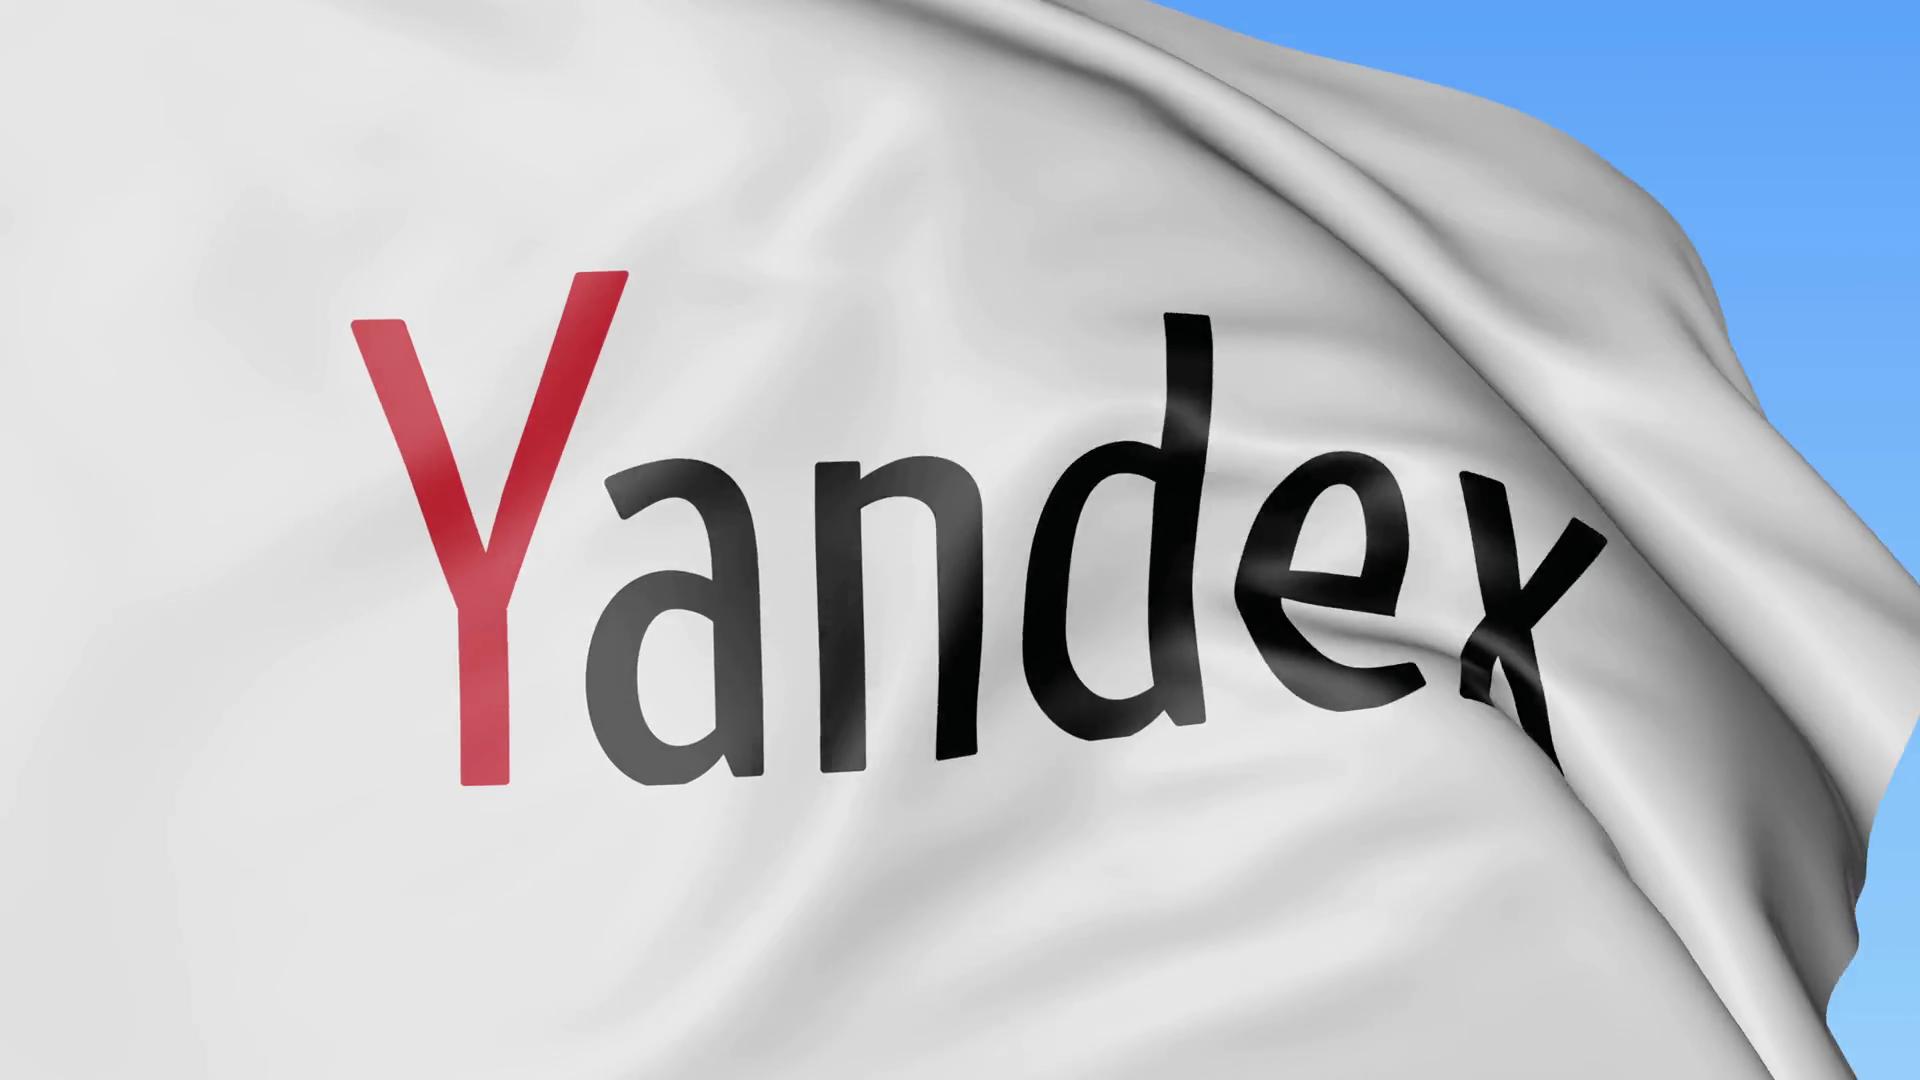 Yandex Telephone – první vlaštovka od ruského Yandexu